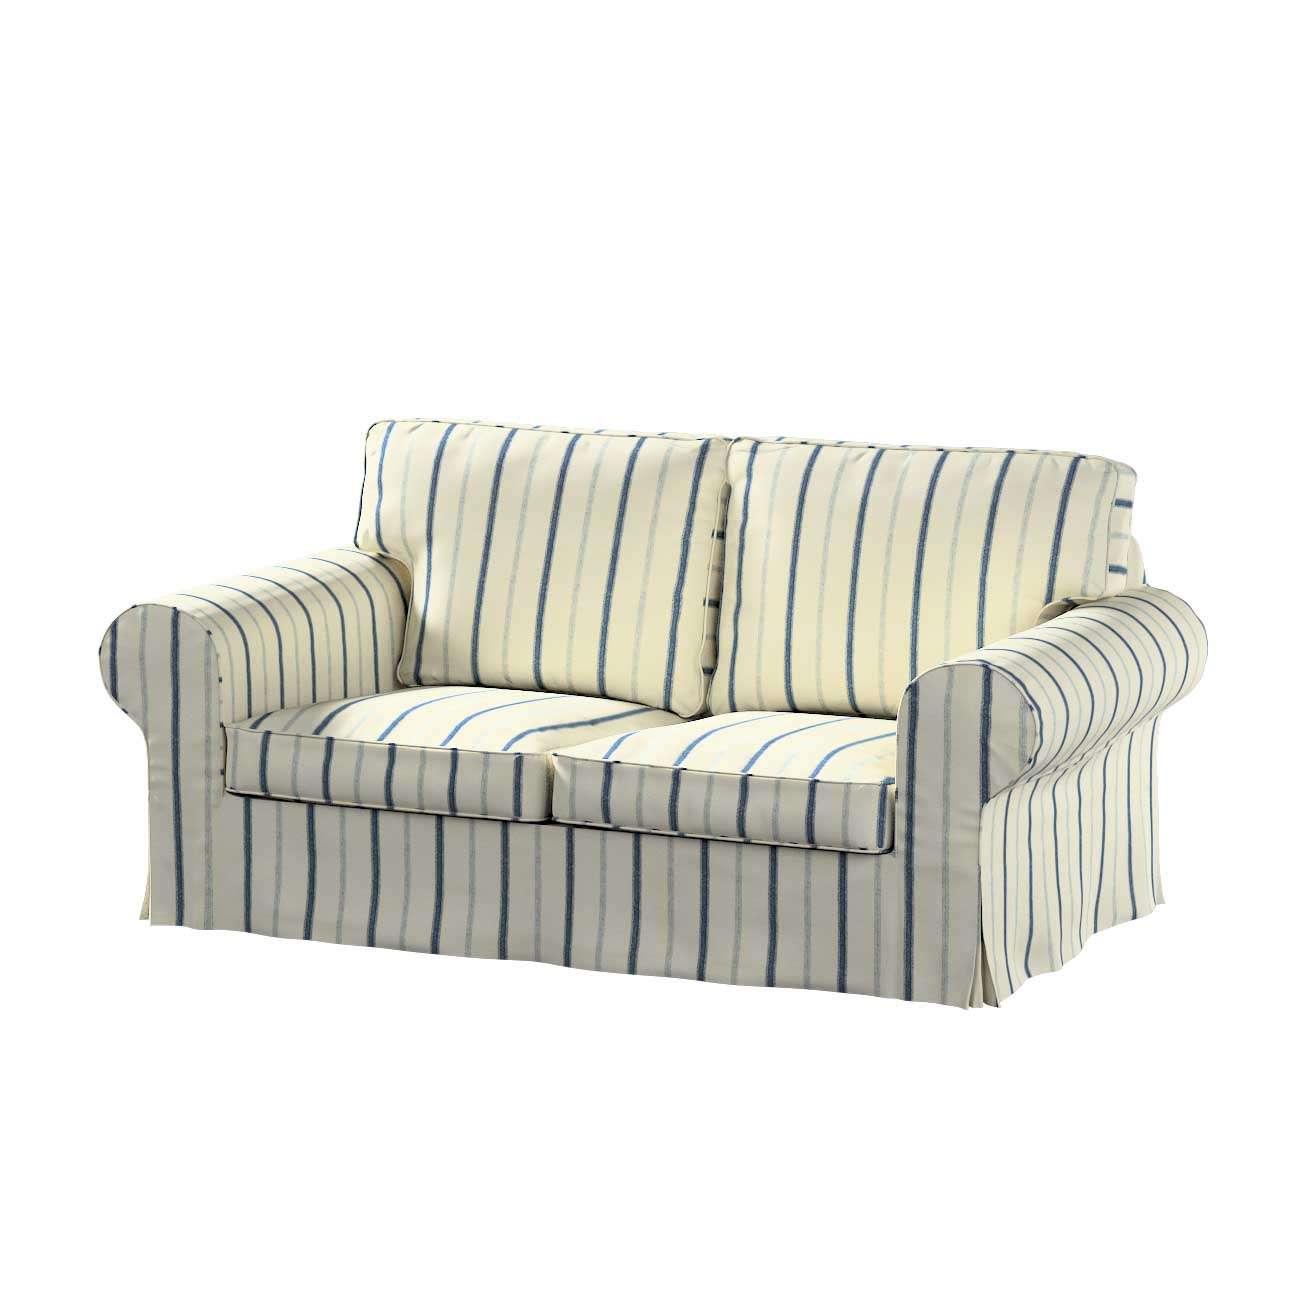 Ektorp 2-Sitzer Schlafsofabezug  NEUES Modell  Sofabezug für  Ektorp 2-Sitzer ausklappbar, neues Modell von der Kollektion Avinon, Stoff: 129-66